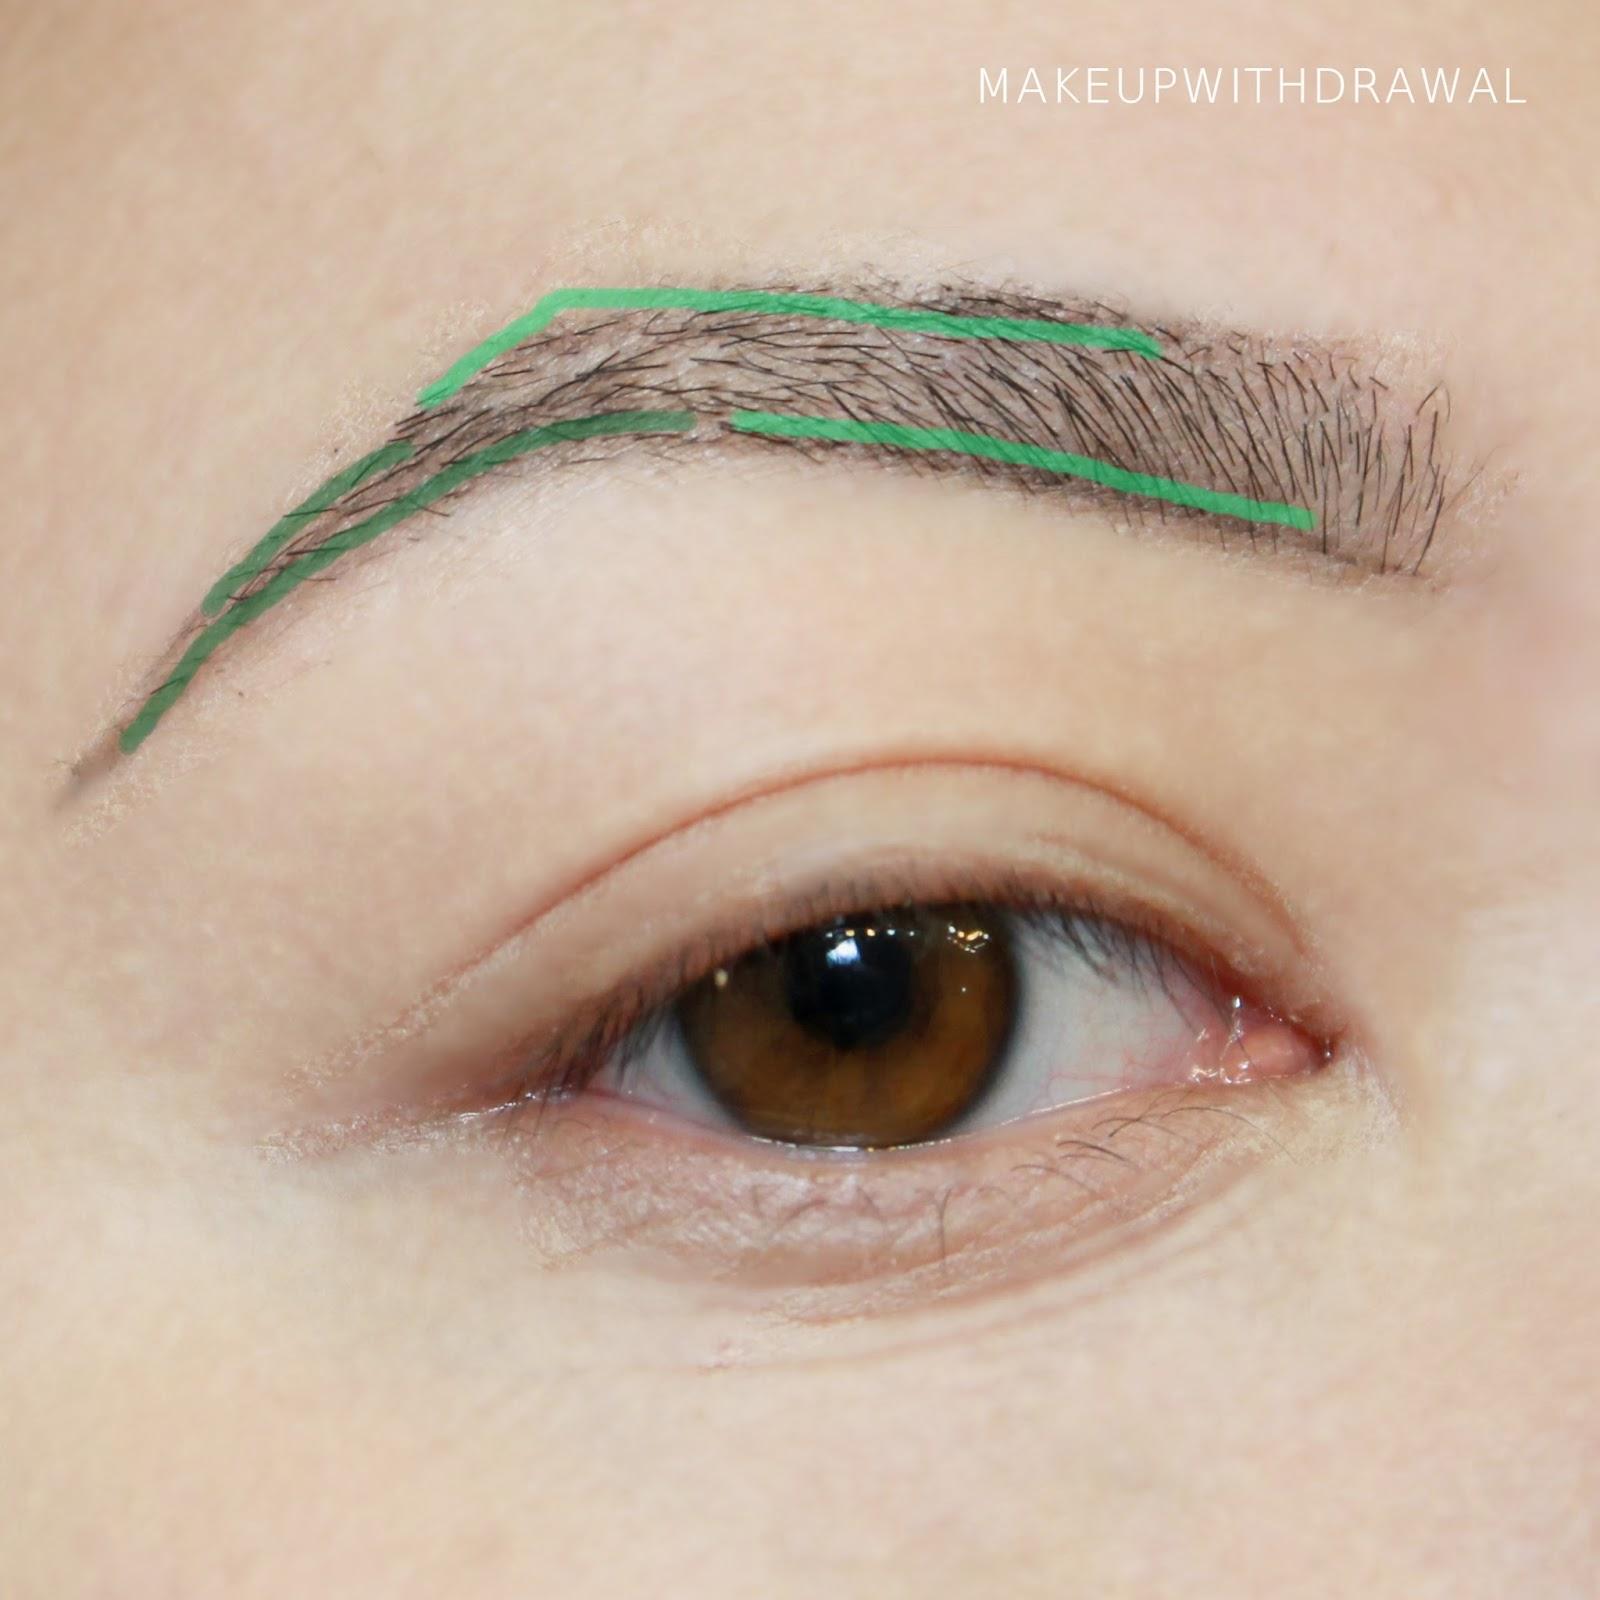 Natural Brow Tutorial | Makeup Withdrawal